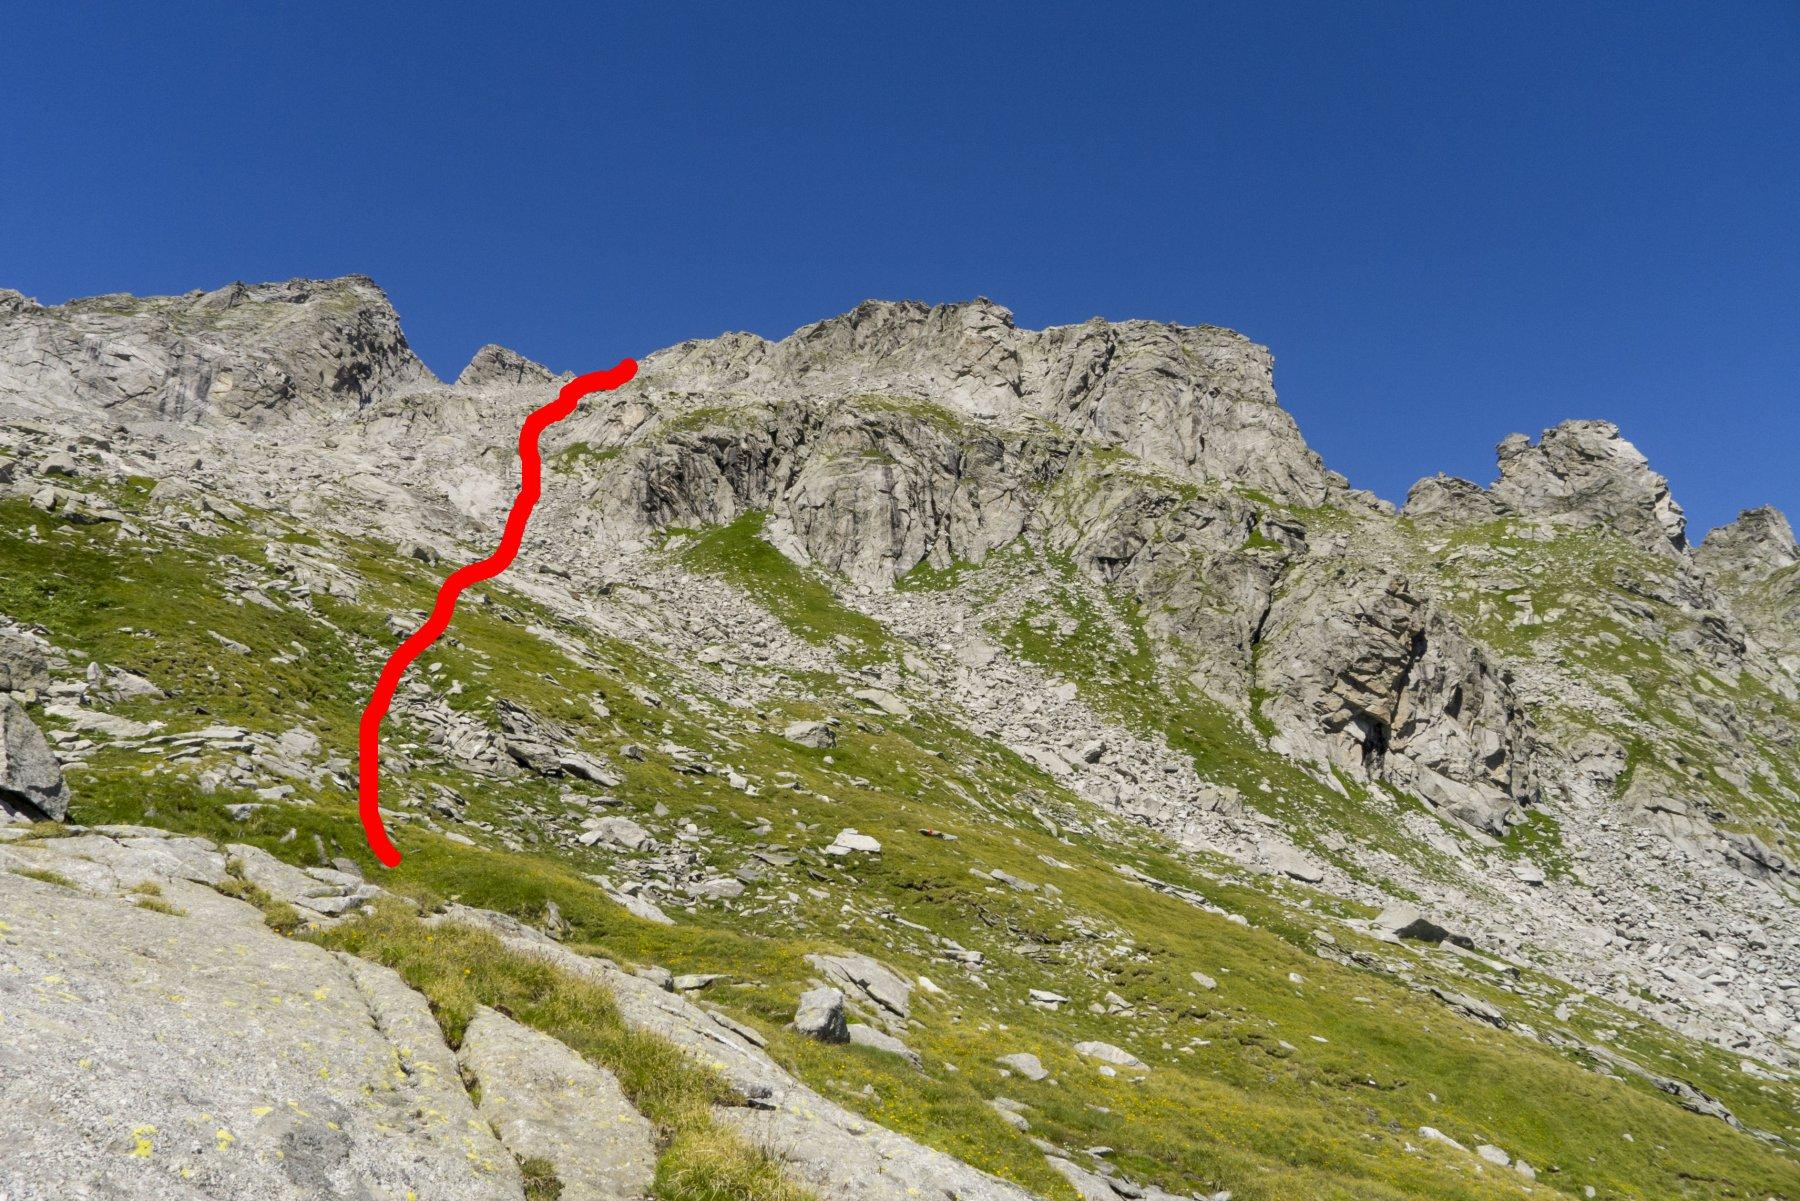 percorso altenarnativo dal sentiero Roma (provenendo dal rifugio Omio)